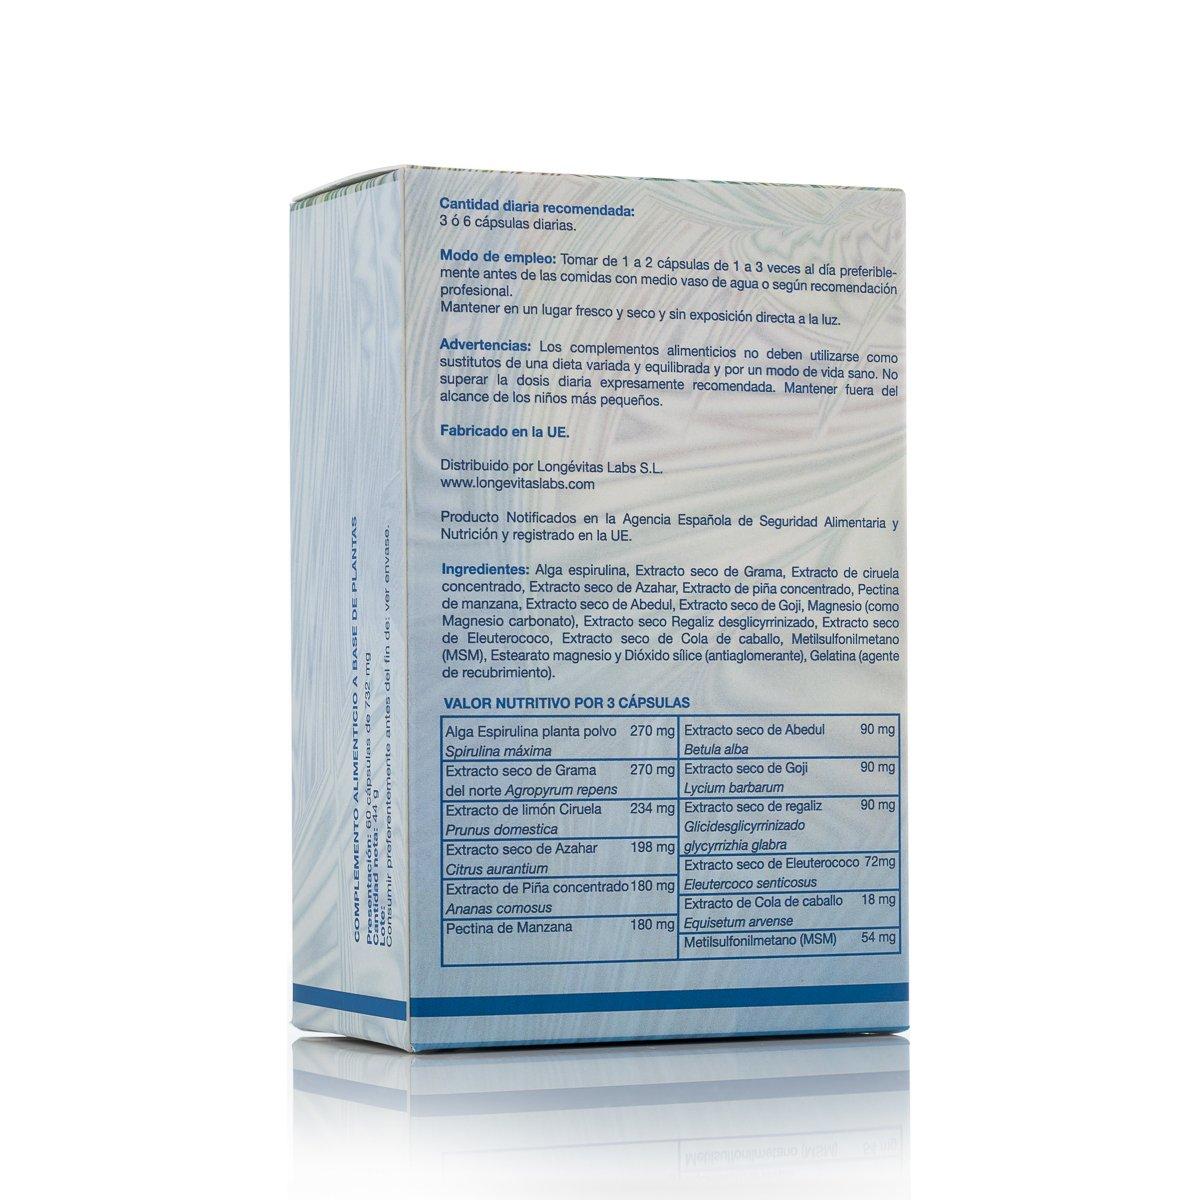 Fórmula Slim es el complemento nutricional de Longevitas Labs que te ayuda a reducir toxinas, con efecto diurético y depurativo.